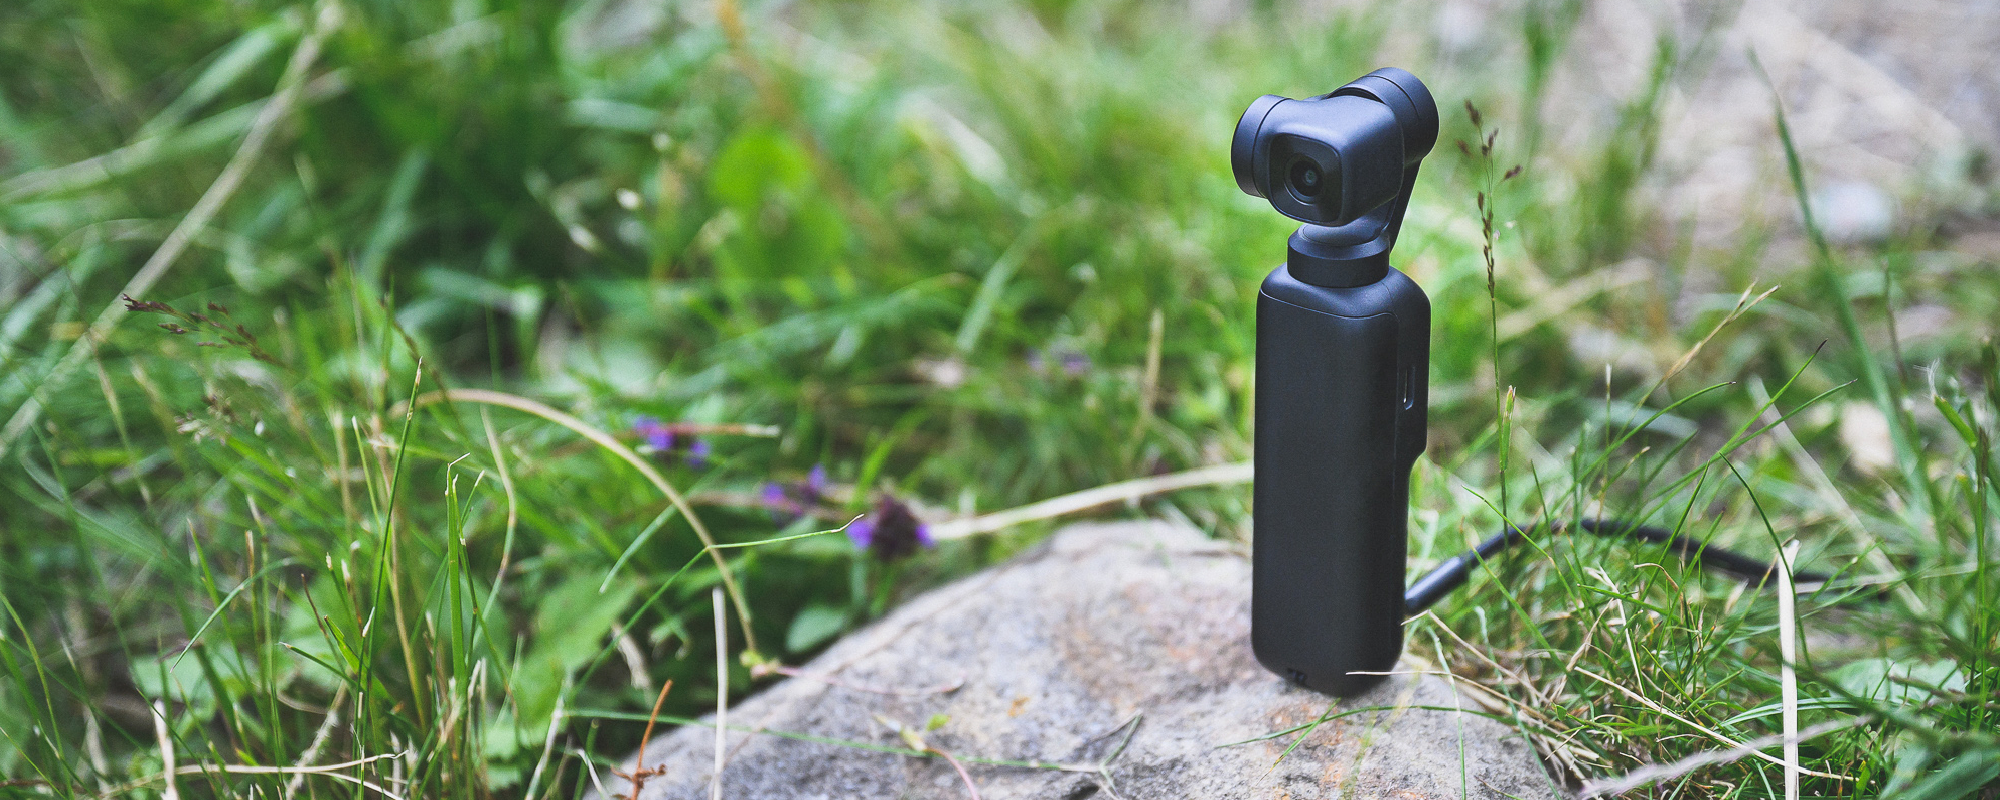 Kamera FeiyuTech Feiyu pocket nagrywa postawiona na kamieniu nagrywa time lapsa z panorama gór w tle